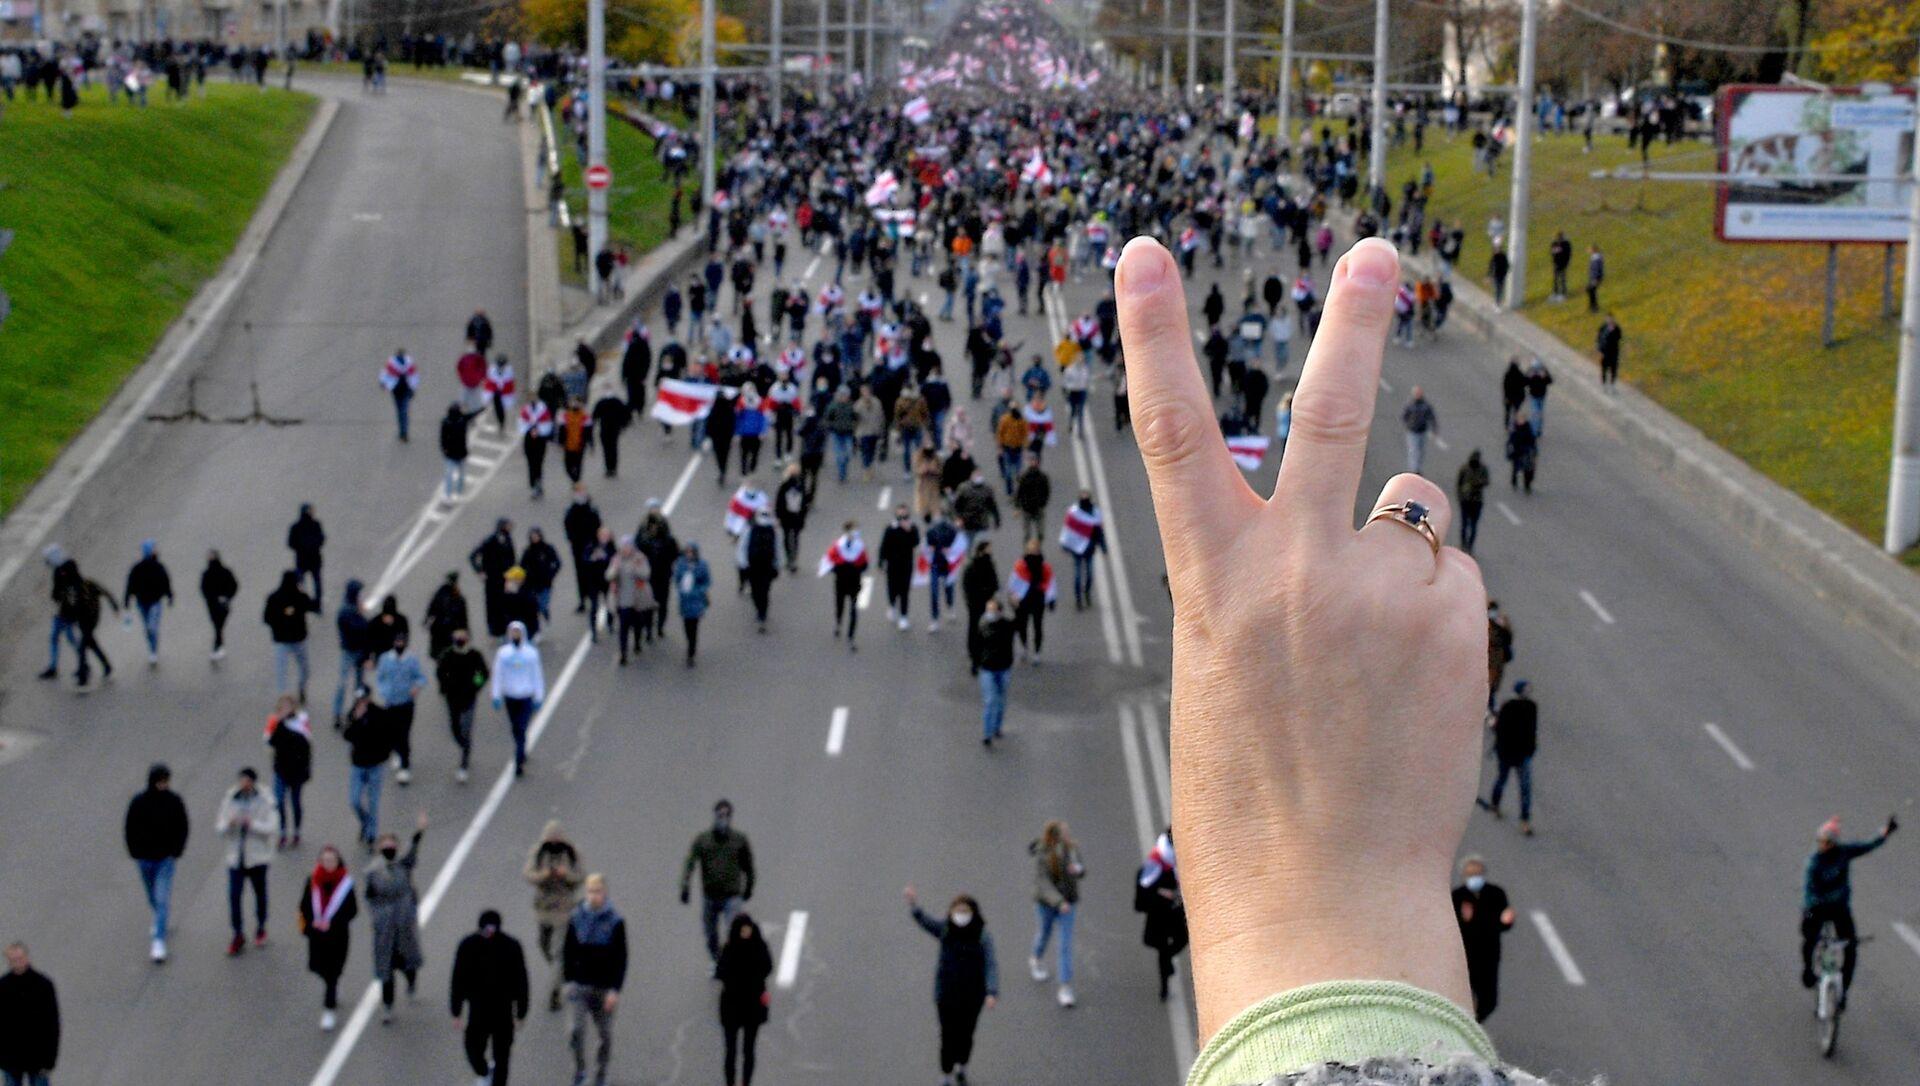 """Wiec opozycji w Mińsku. Uczestnicy wiecu protestacyjnego """"Marsz partyzancki"""" w Mińsku, Białoruś - Sputnik Polska, 1920, 12.02.2021"""